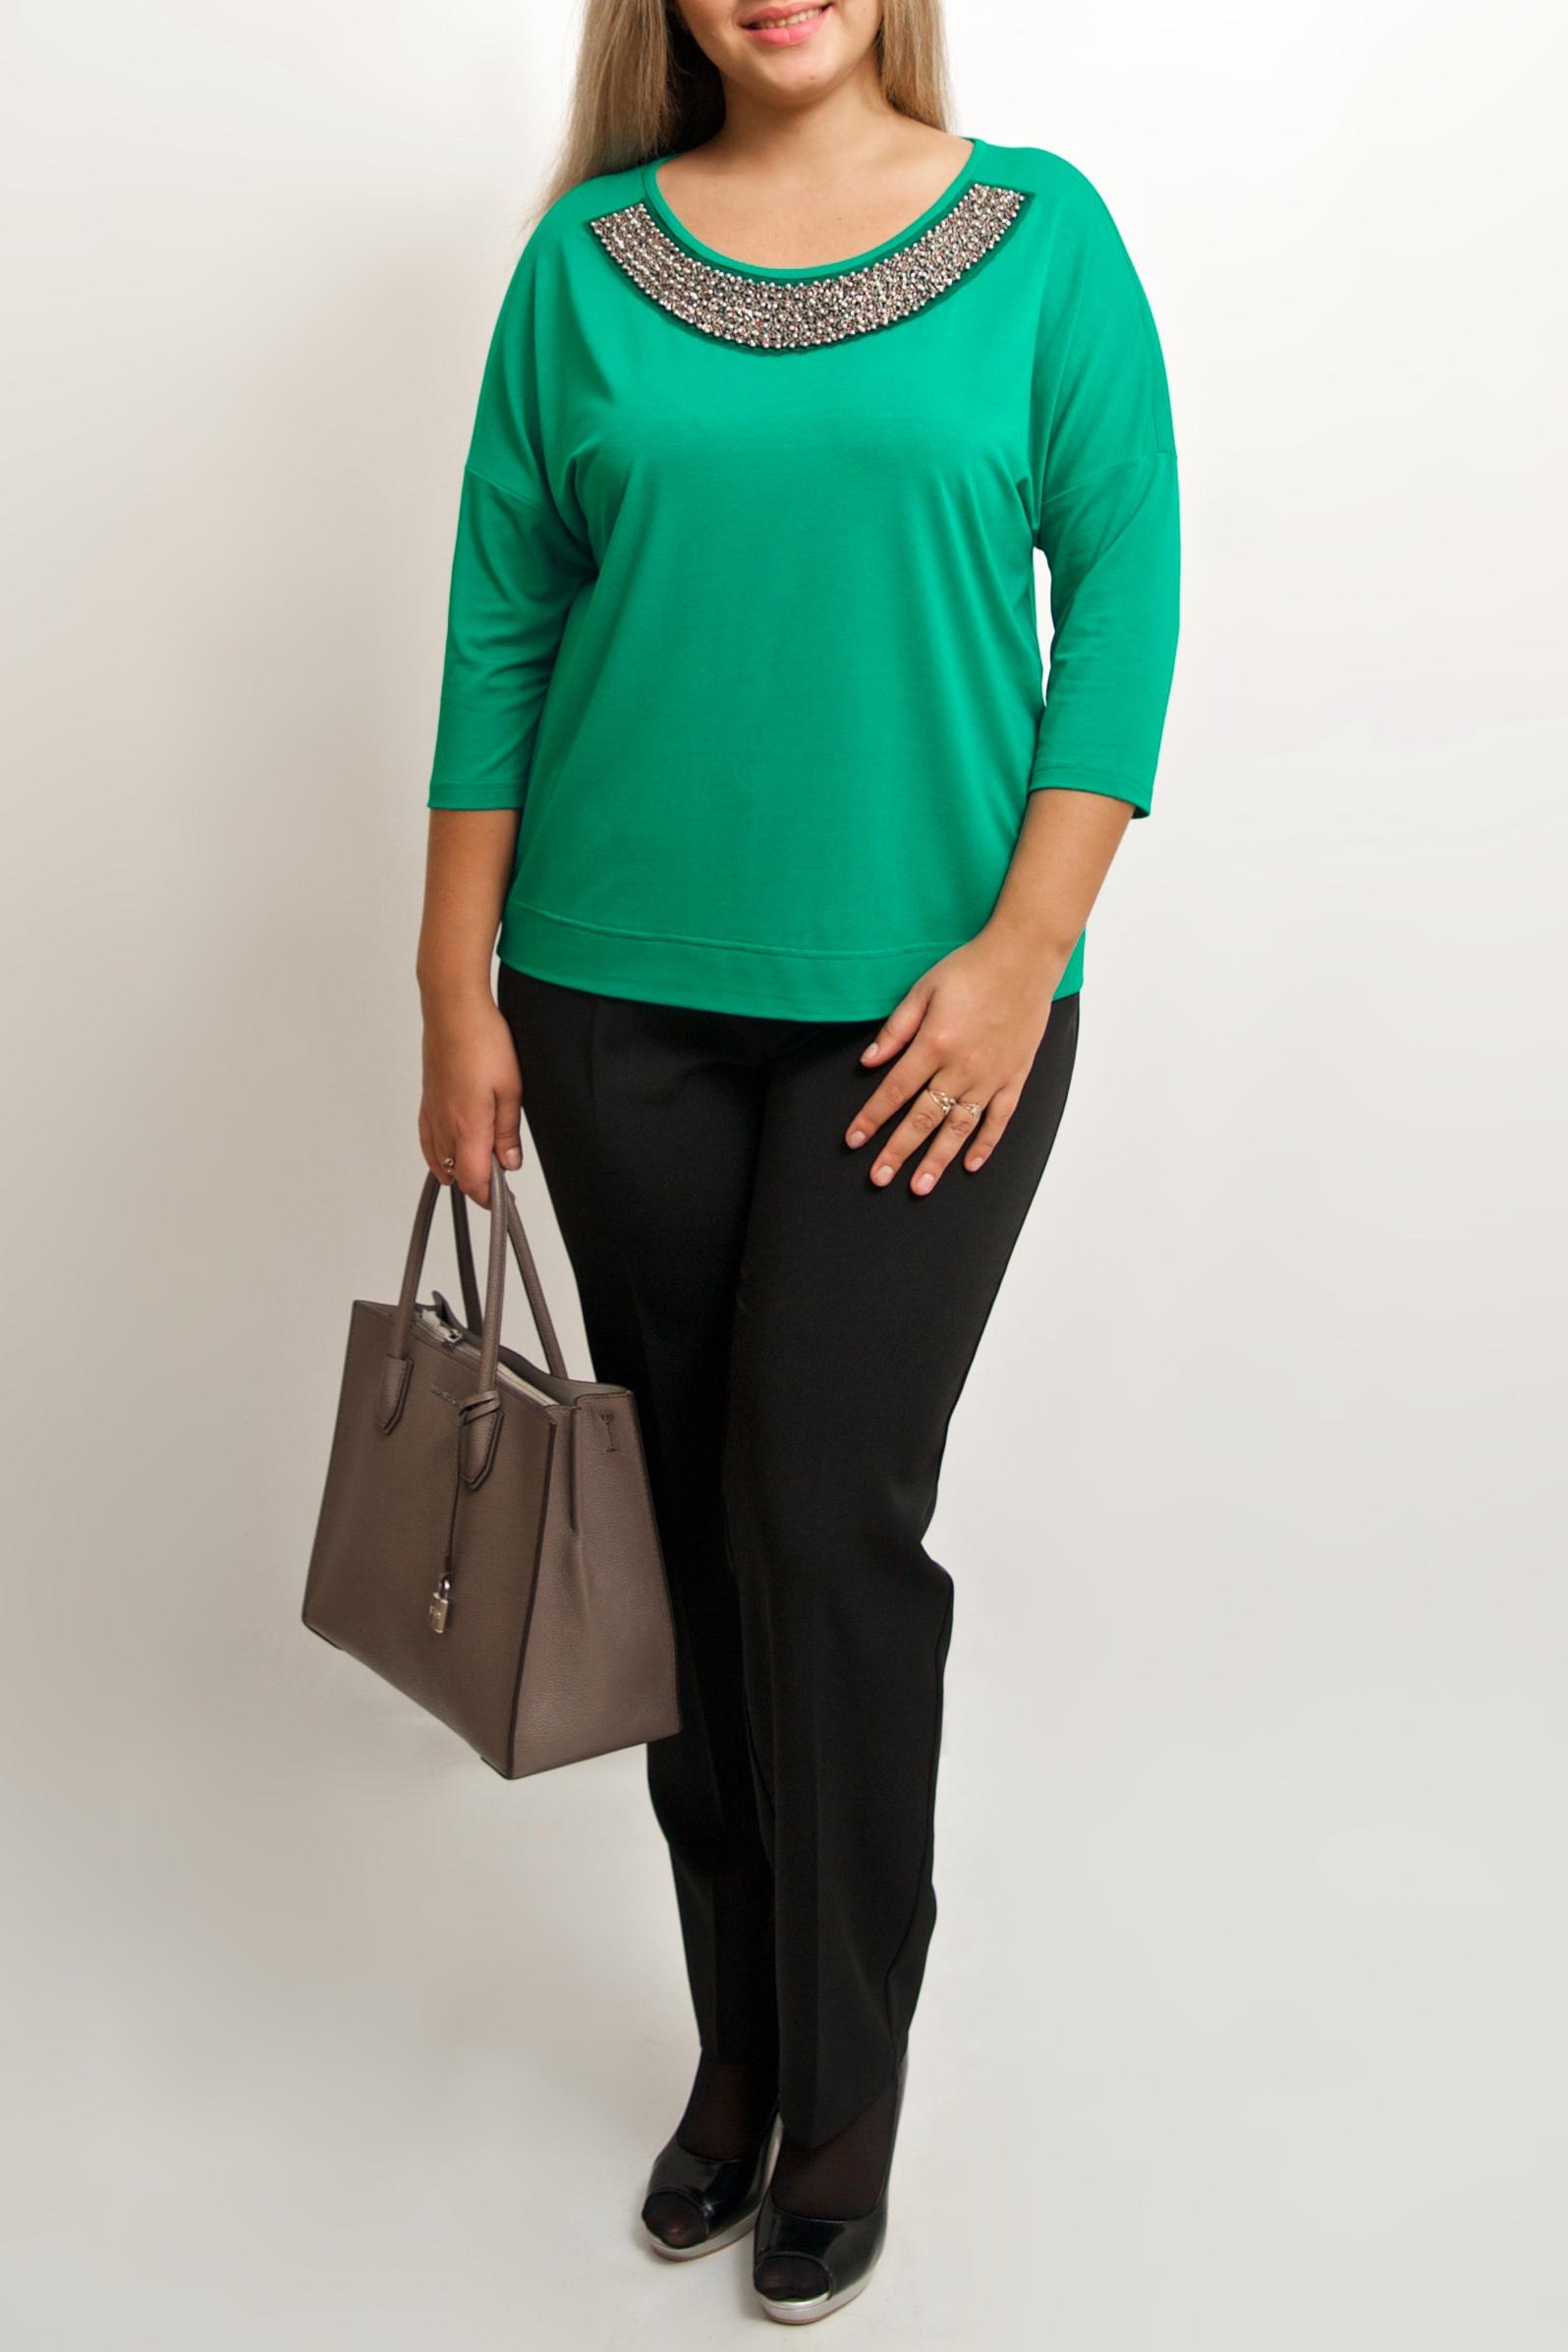 БлузкаБлузки<br>Однотонная блузка с круглой горловиной и рукавами 3/4. Модель выполнена из приятного трикотажа. Отличный выбор для повседневного гардероба.  Цвет: зеленый  Ростовка изделия 170 см.<br><br>Горловина: С- горловина<br>По материалу: Вискоза,Трикотаж<br>По сезону: Весна,Зима,Лето,Осень,Всесезон<br>По силуэту: Полуприталенные<br>По стилю: Нарядный стиль<br>По элементам: С декором<br>Рукав: Рукав три четверти<br>Размер : 46-48,50-52,54-56<br>Материал: Трикотаж<br>Количество в наличии: 4